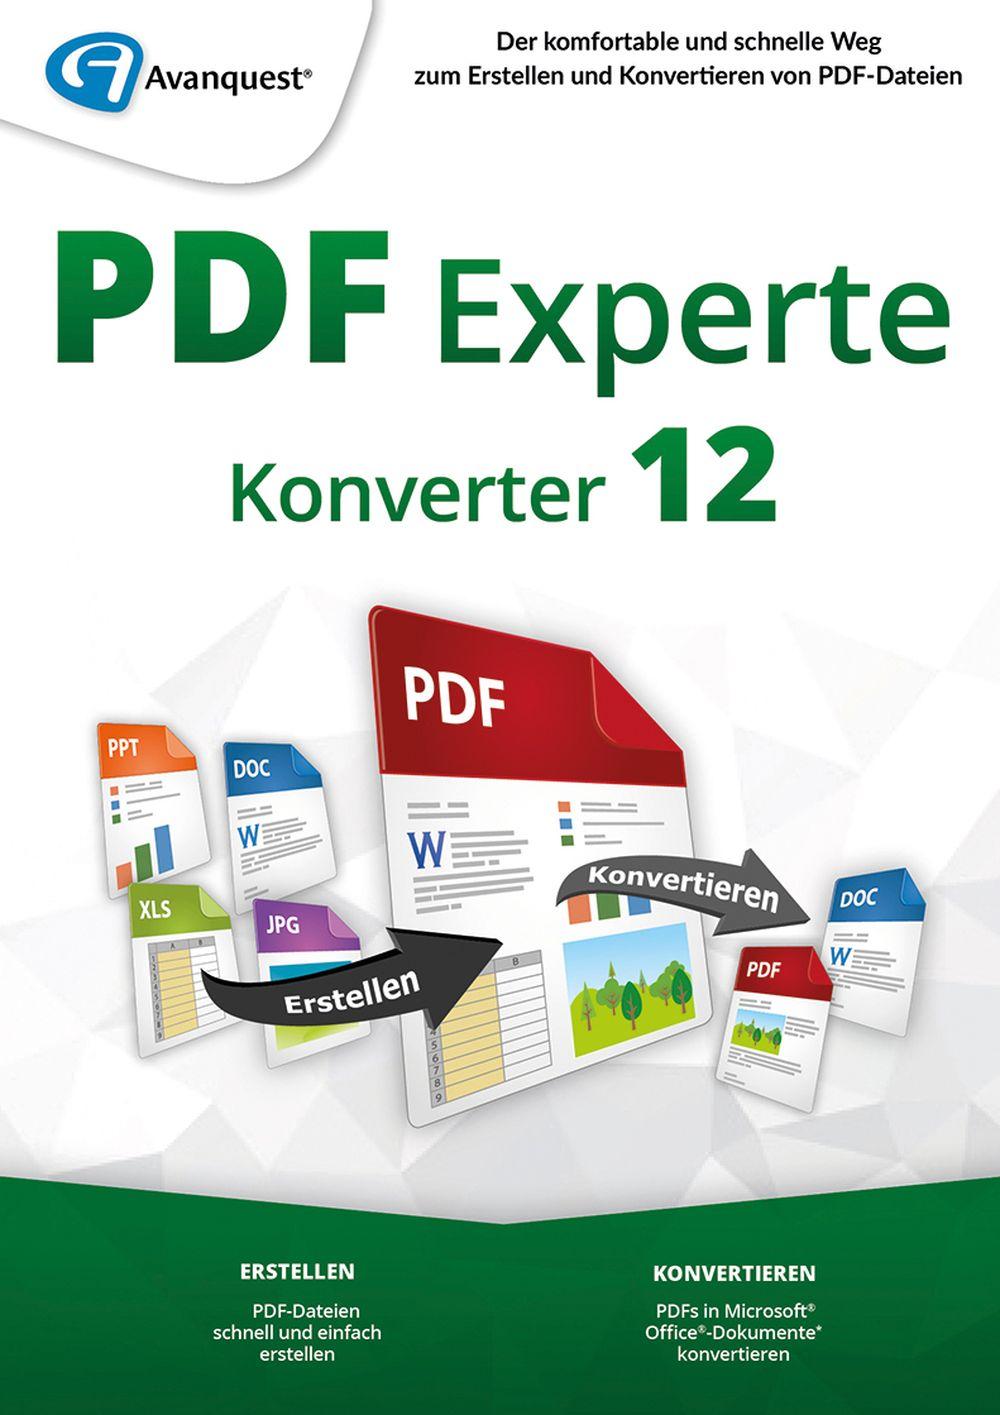 PDF Experte 12 Konverter - Der professionelle PDF-Manager - zum Konvertieren von PDFs! [Online Code]